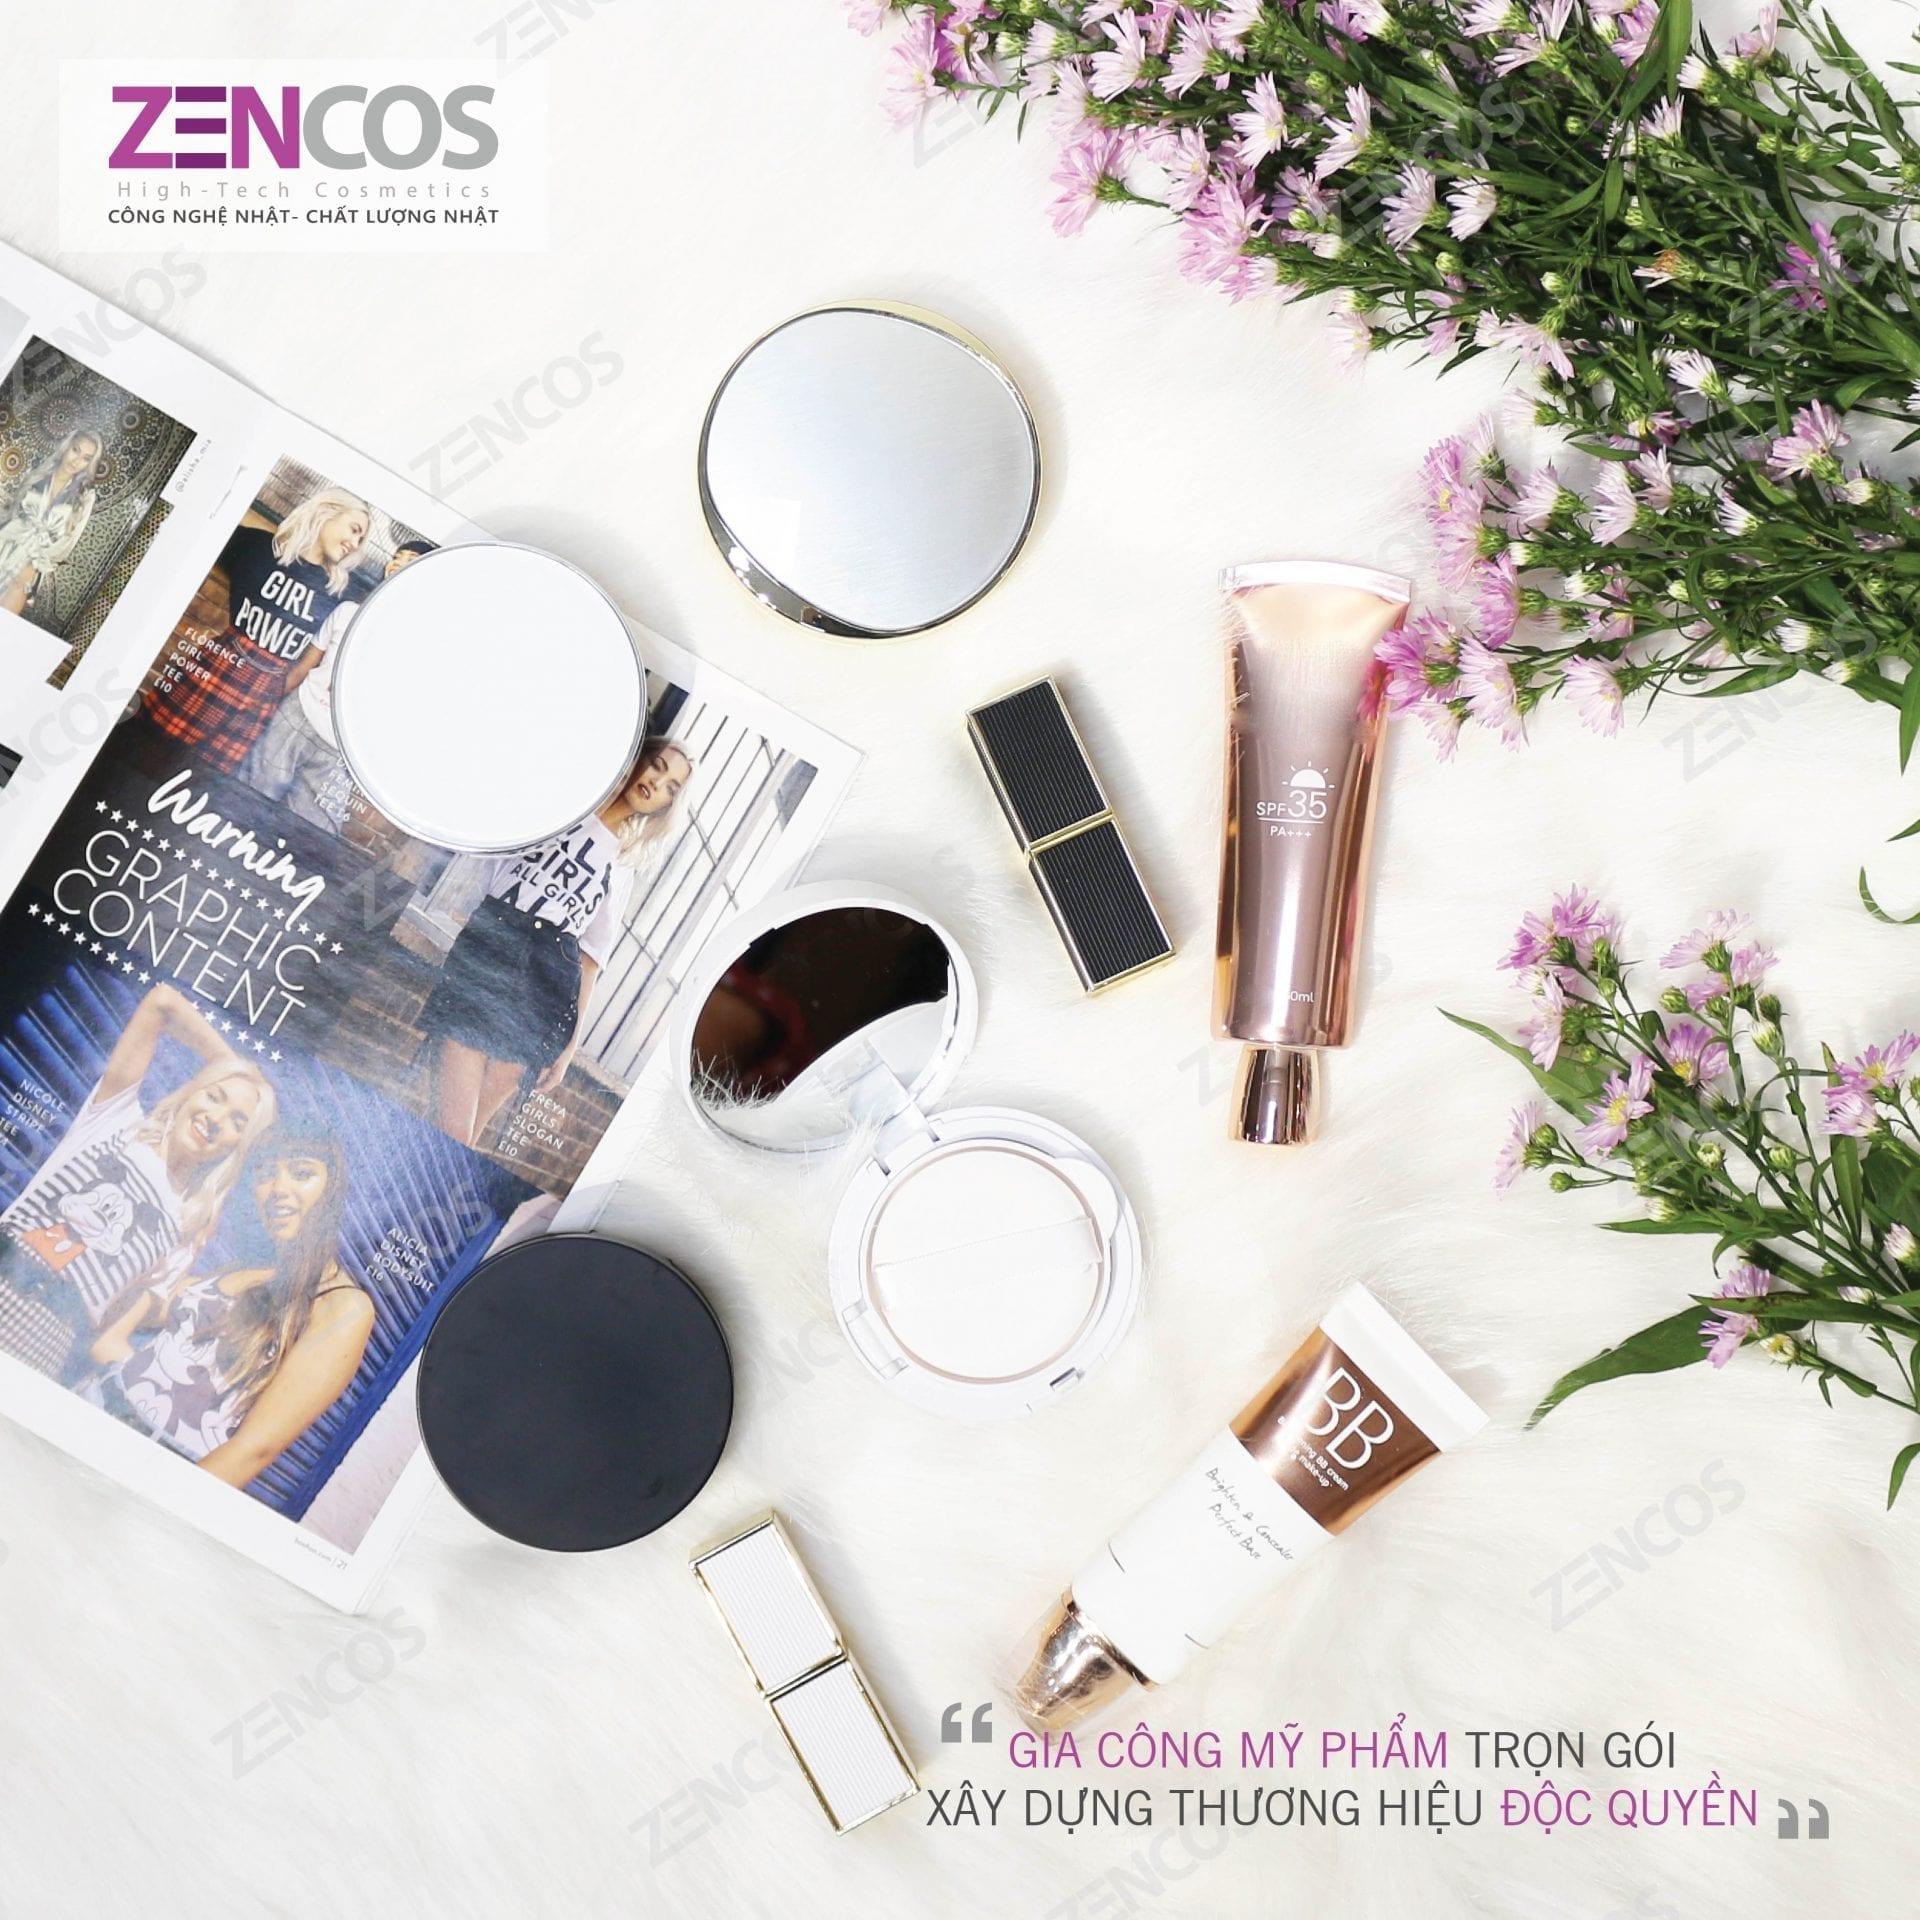 Gia công sản phẩm make up tại Zencos Việt Nam